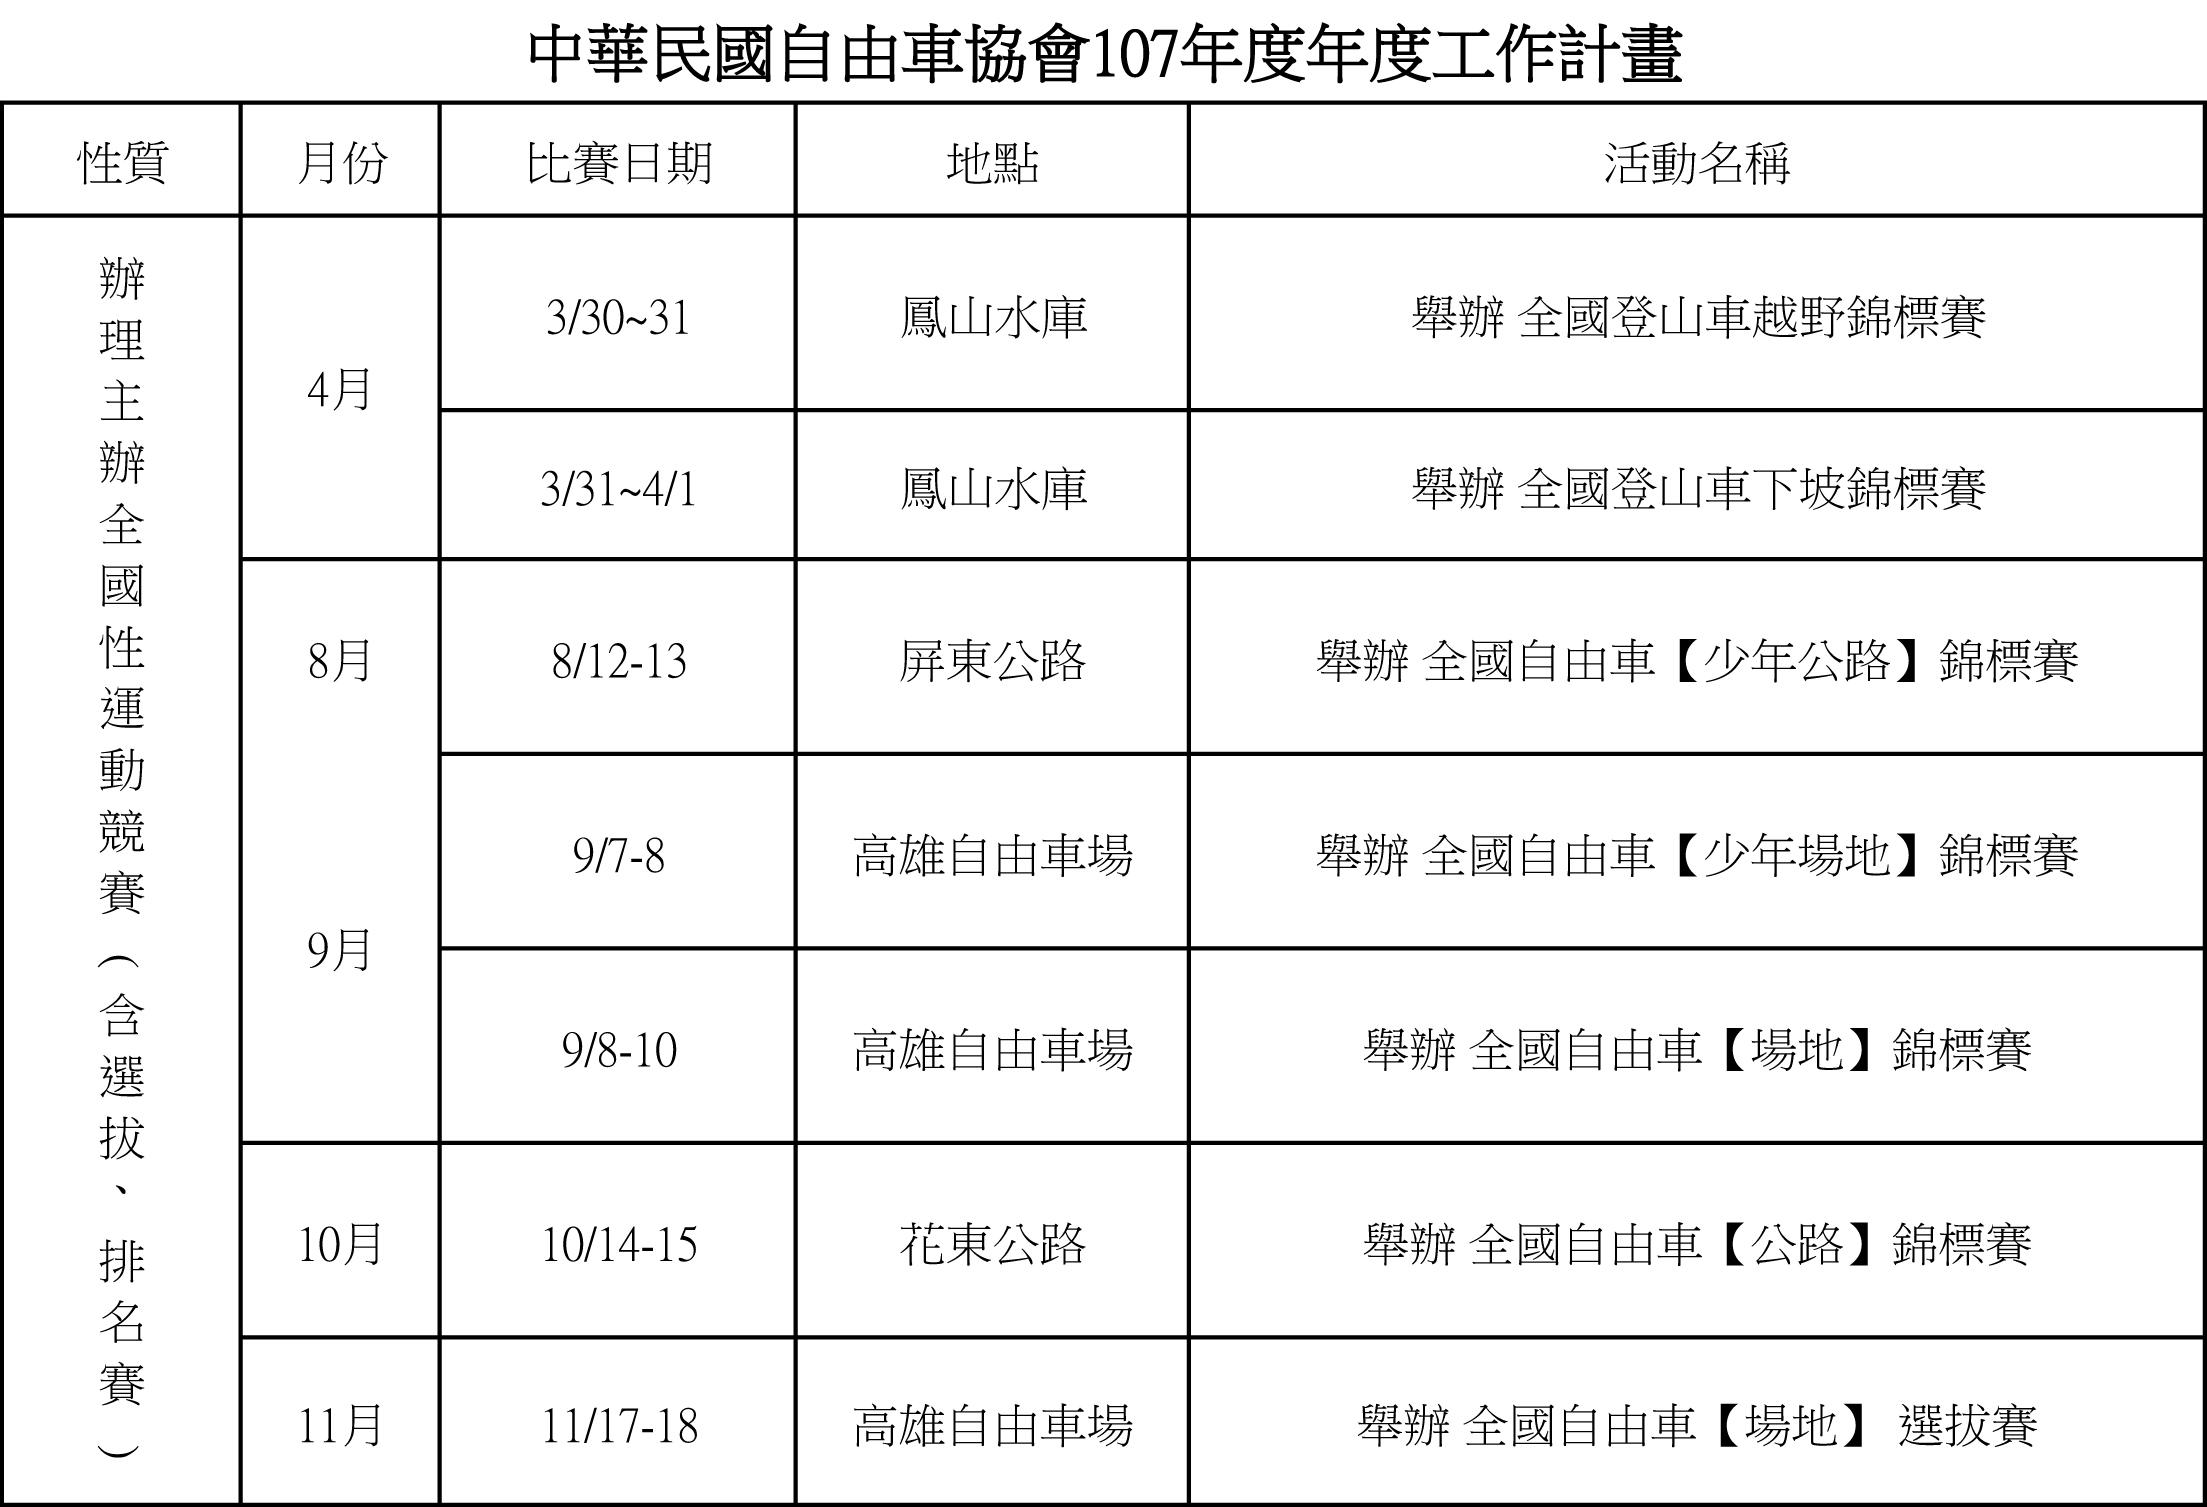 年度計畫-網路公告0706(國內)